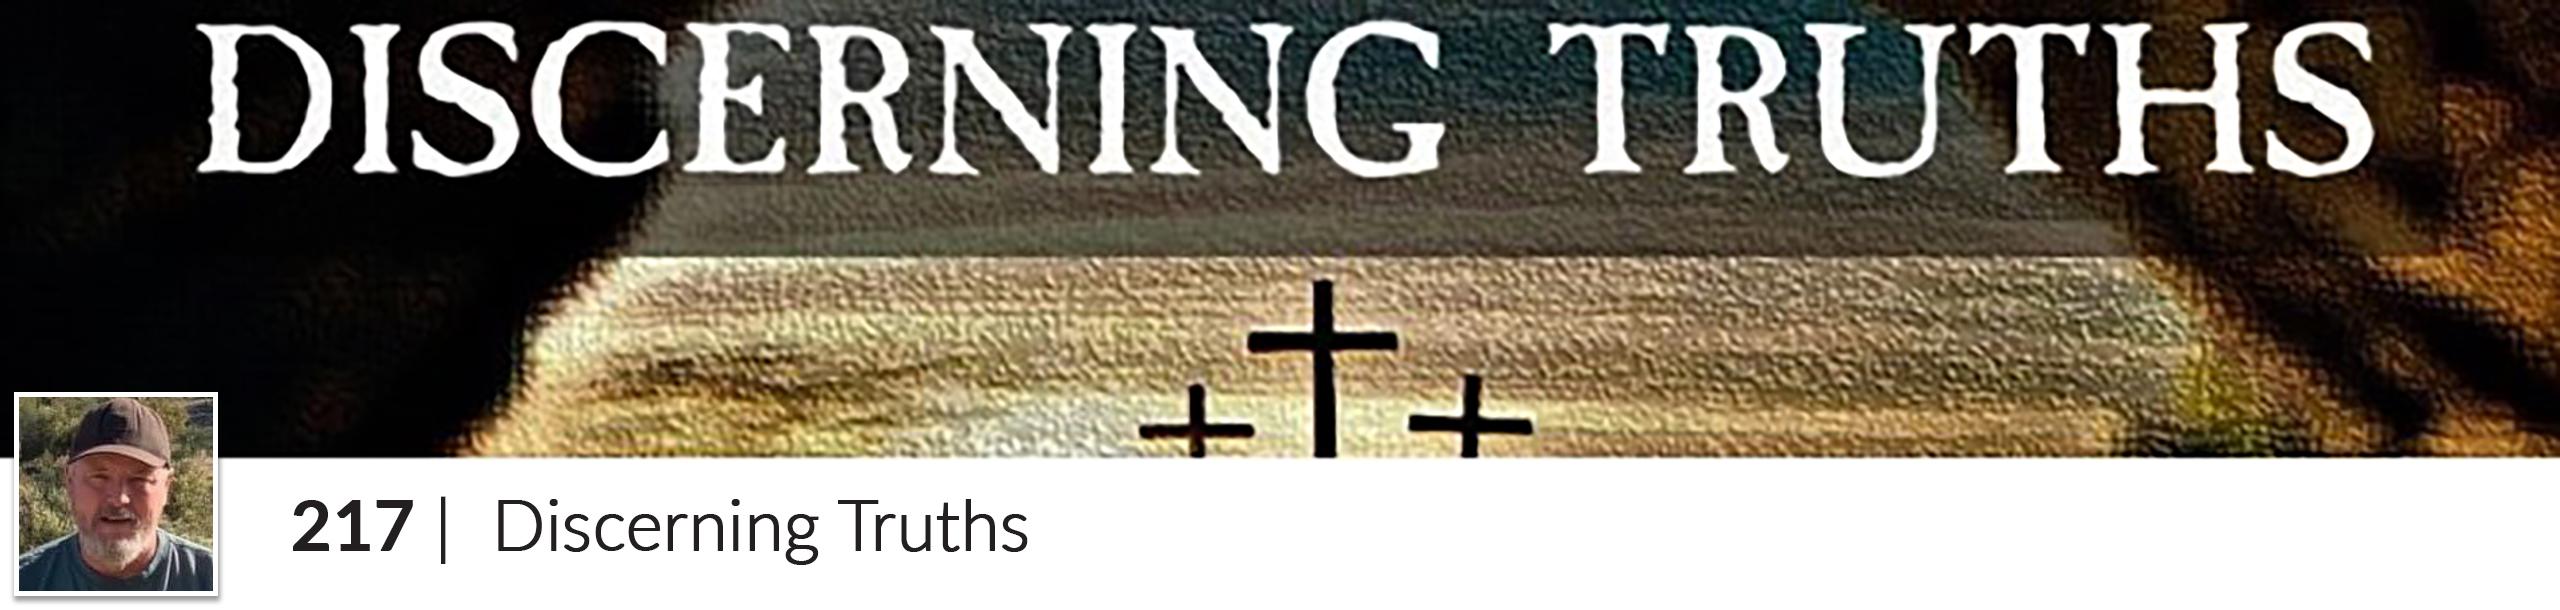 discerning_truth-header01